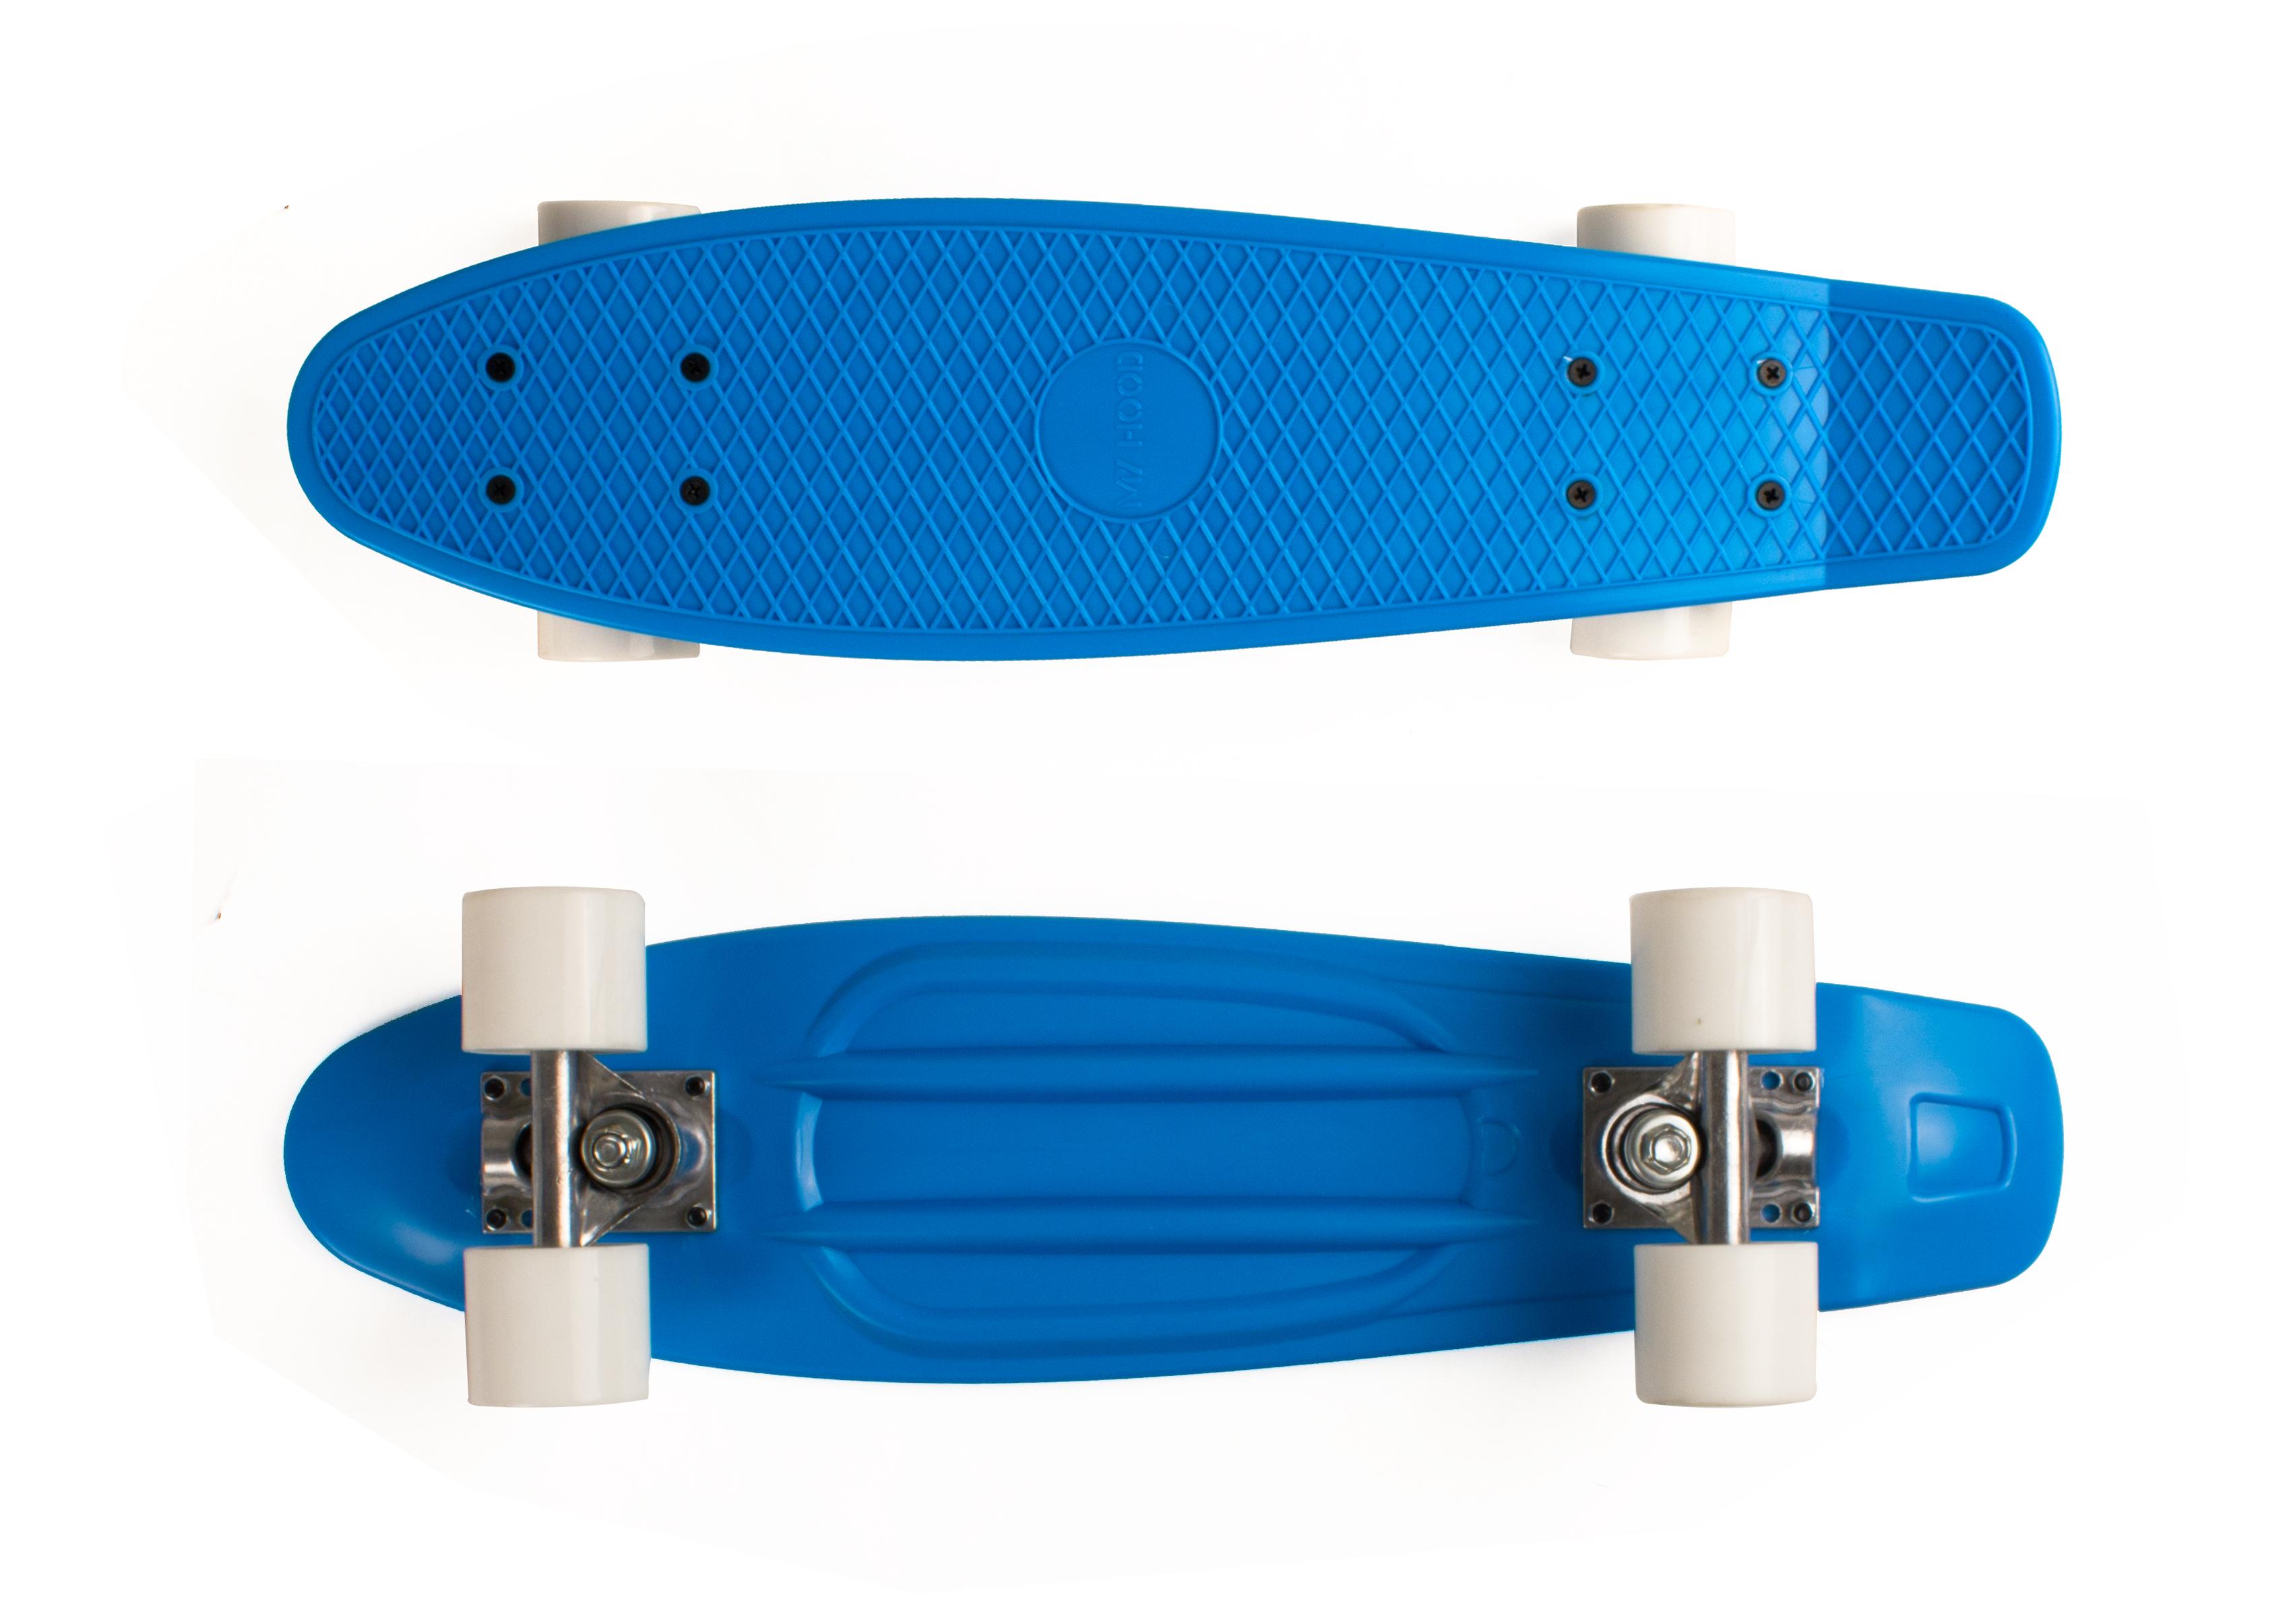 hoodboard